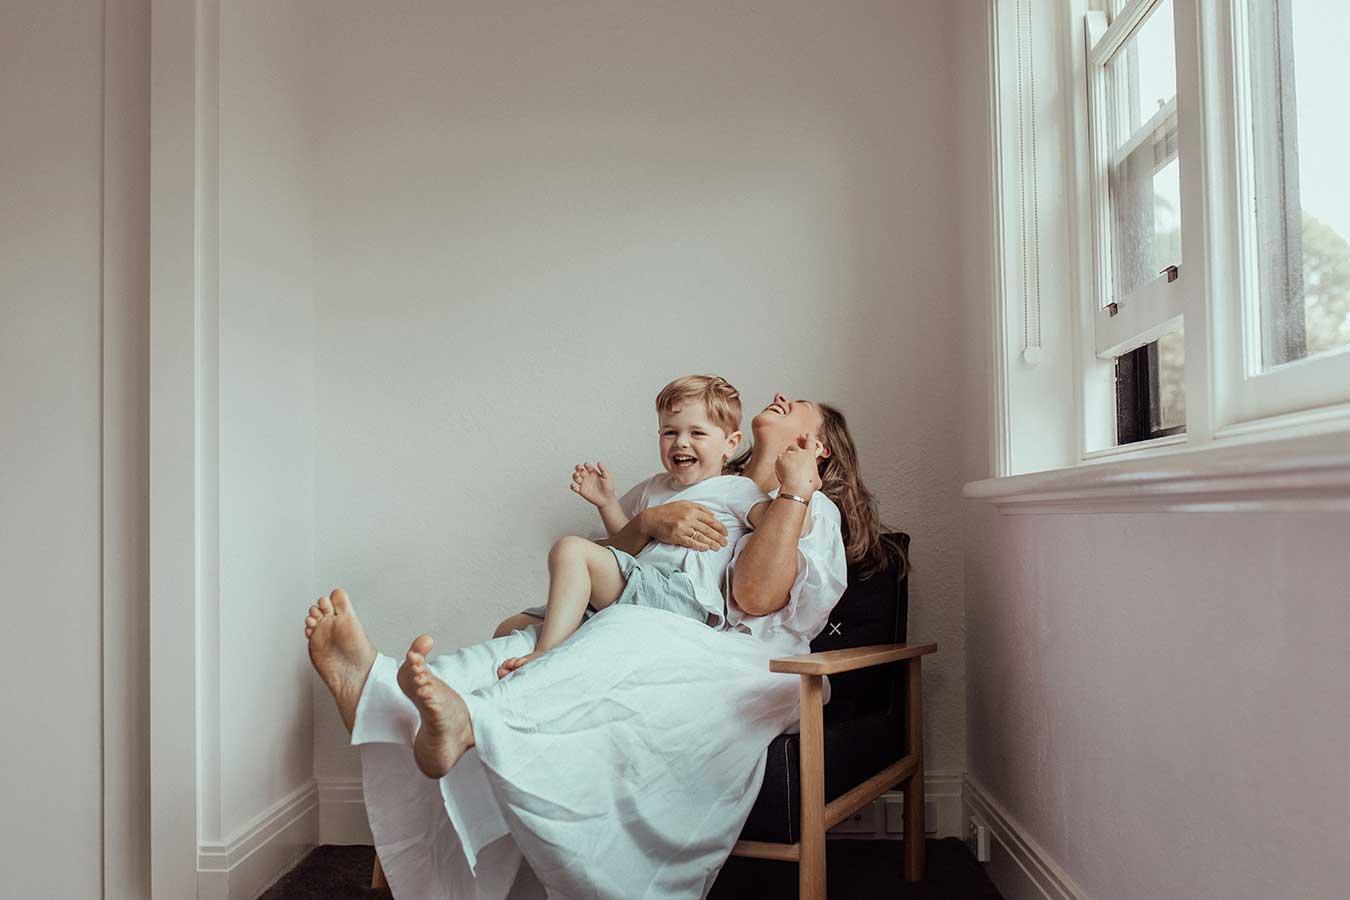 motherhood-photography-mothers-day-gift-3